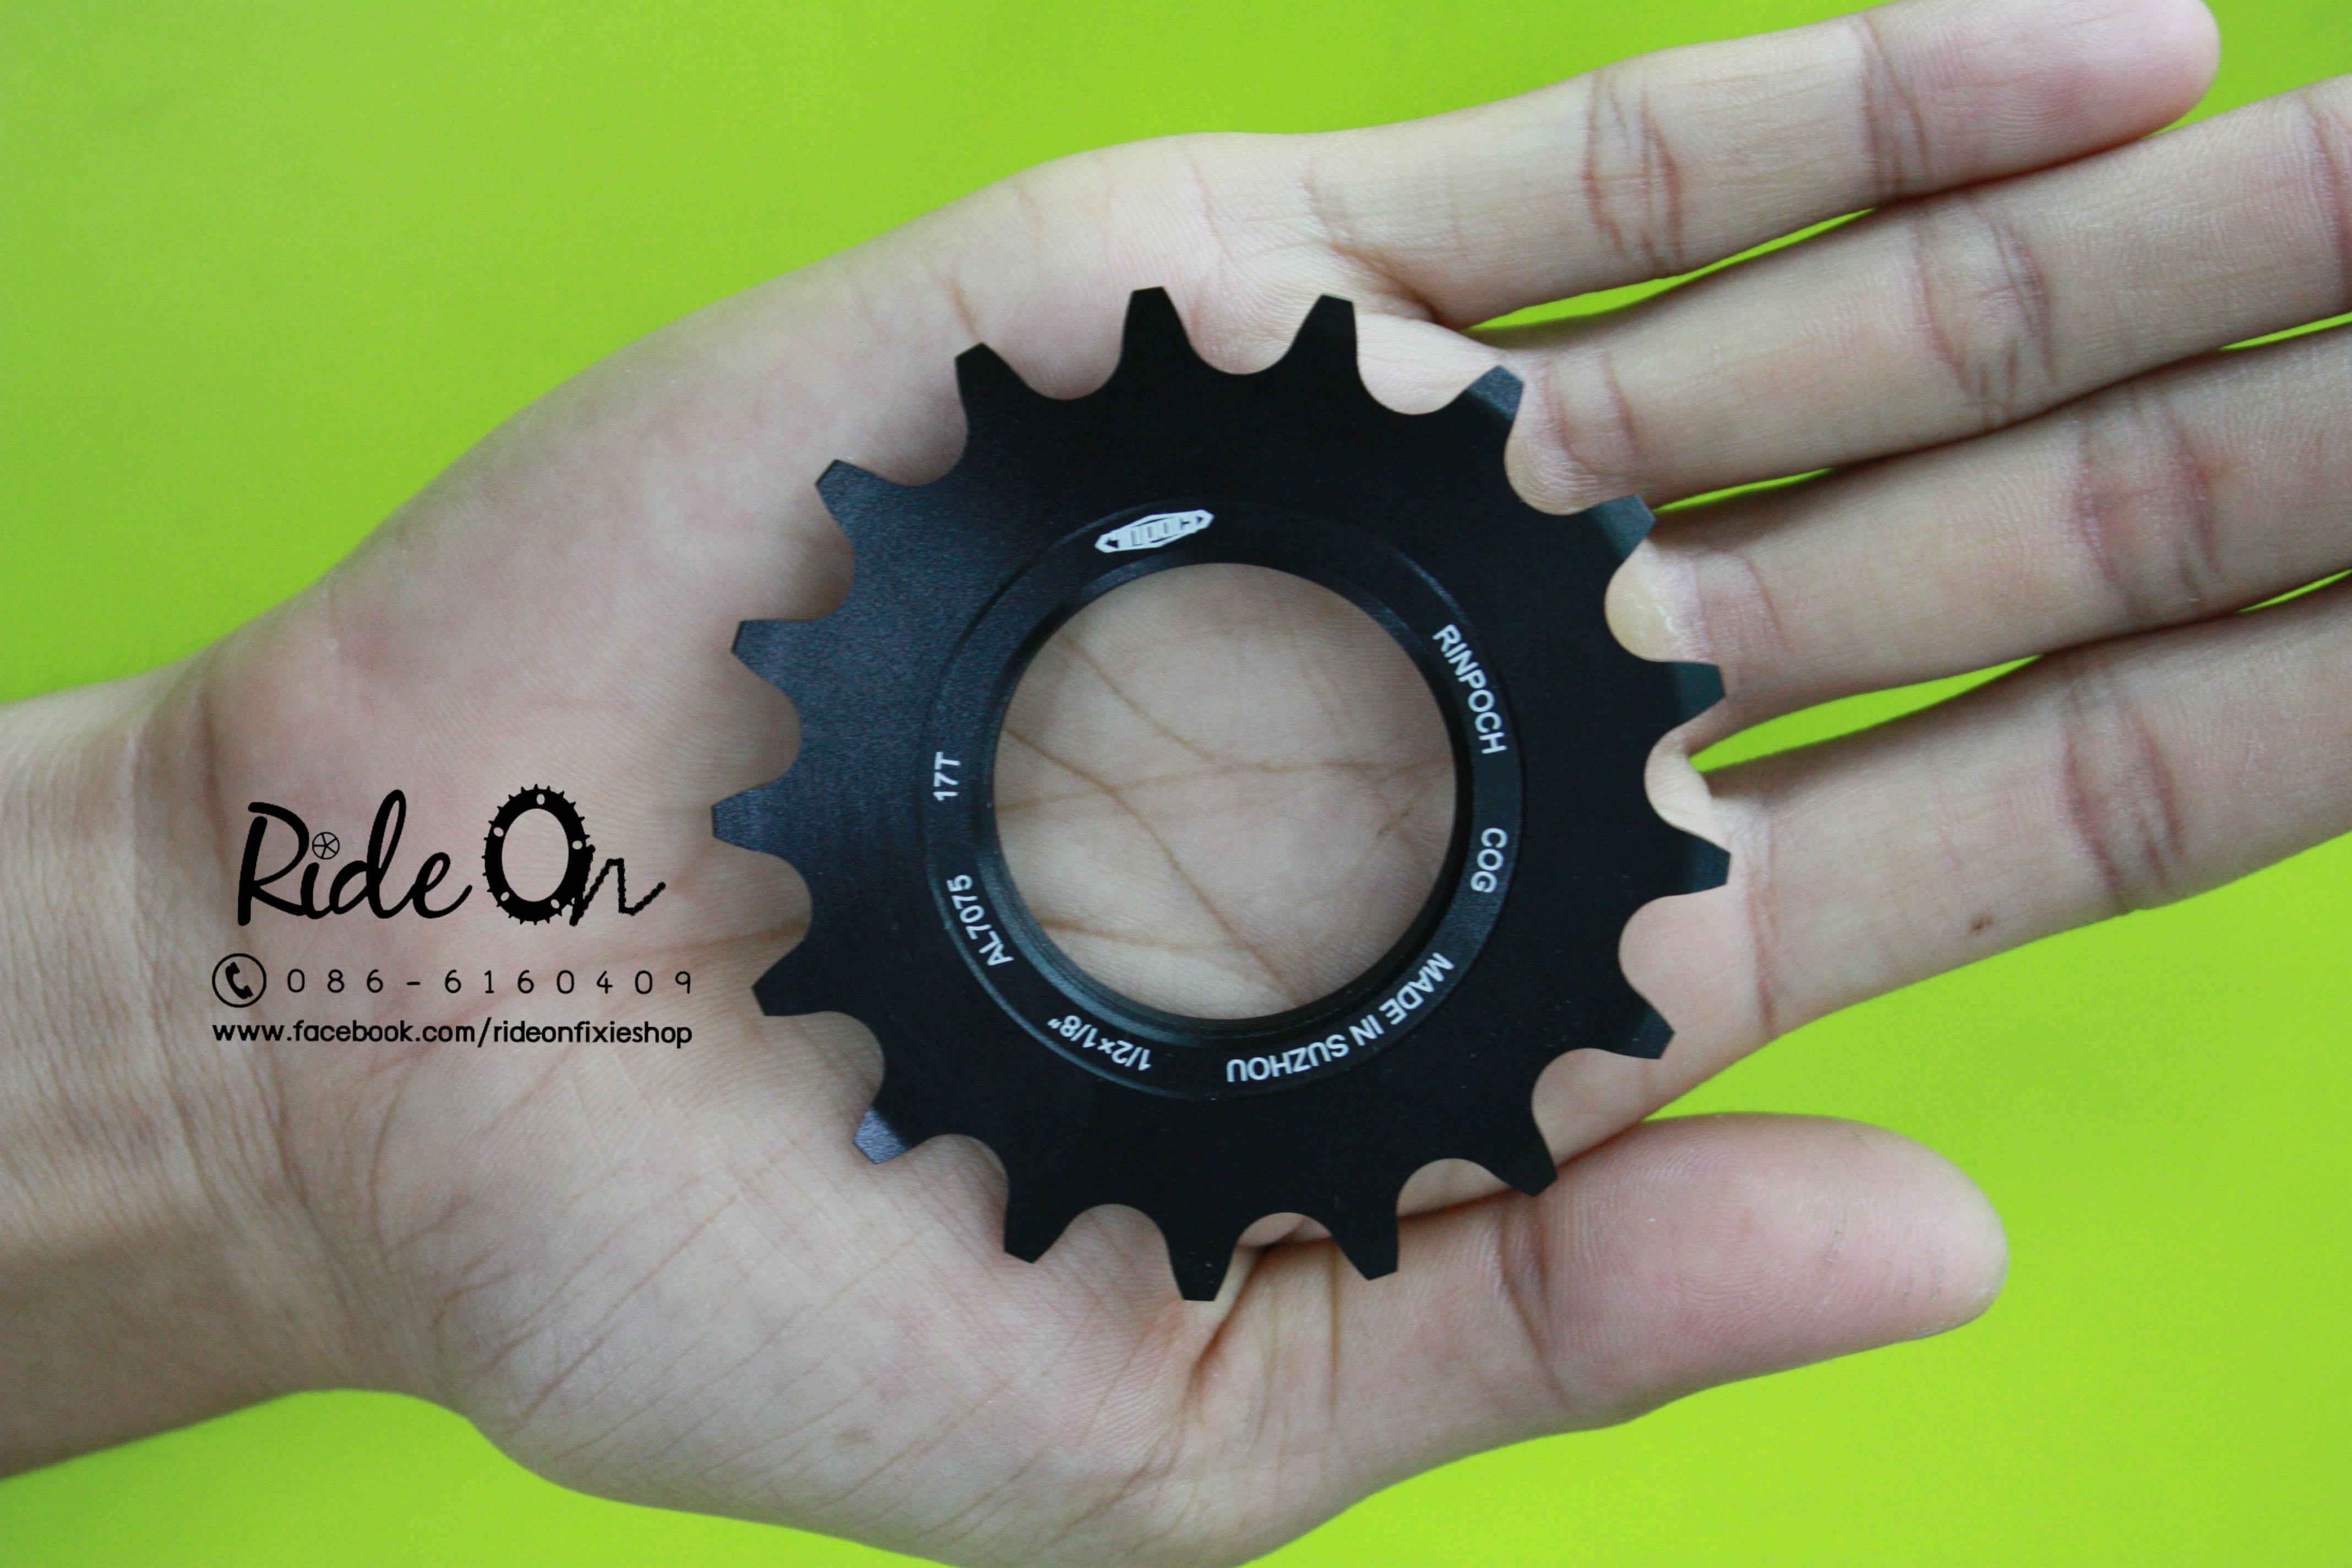 RINPOCH COG 13T/ 14T / 15T / 16T / 17T / Lock Ring